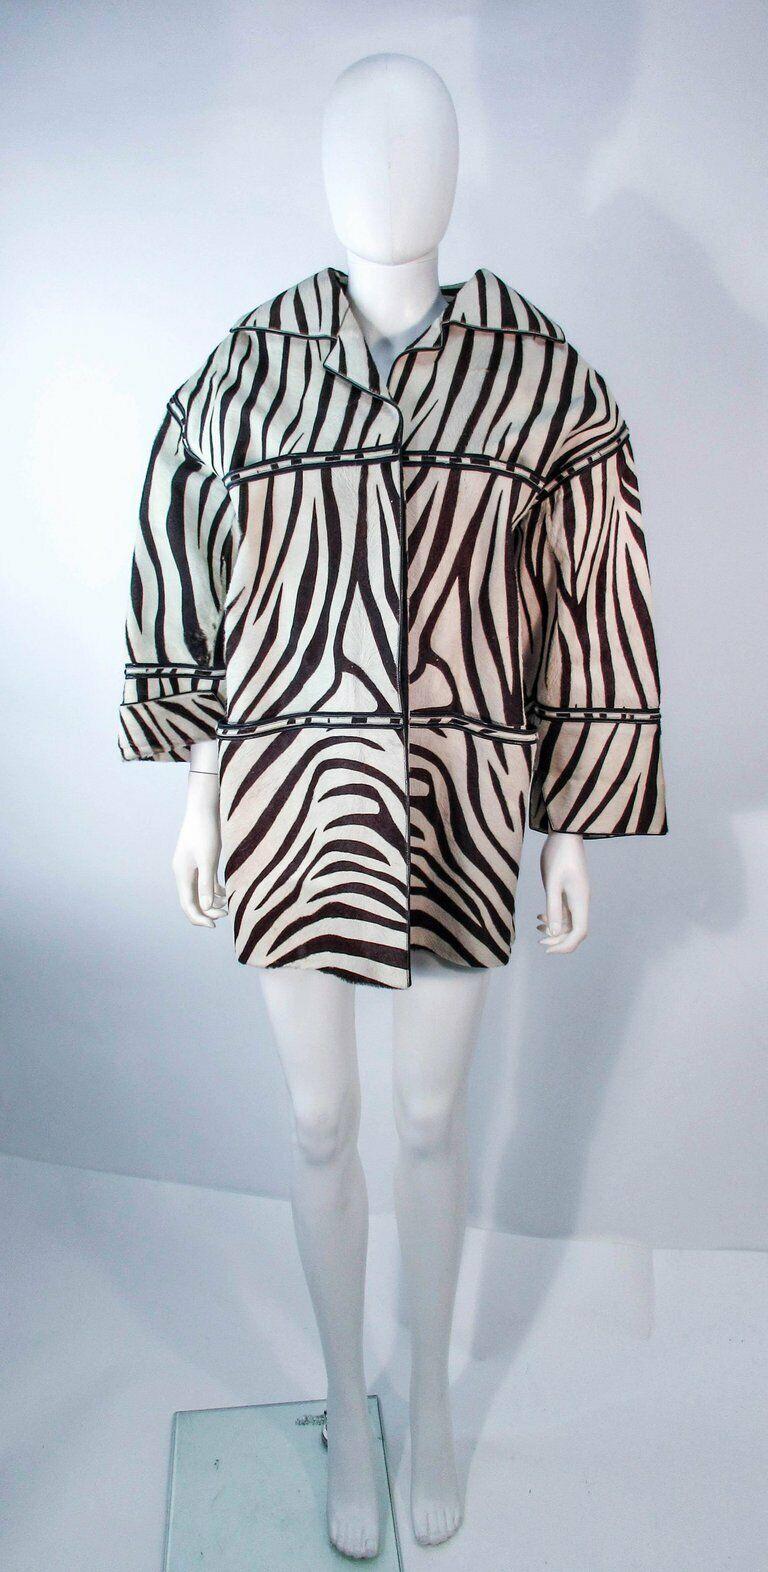 AMEN WARDY Zebra Pattern Cowhide Coat Size 4-8 - image 2